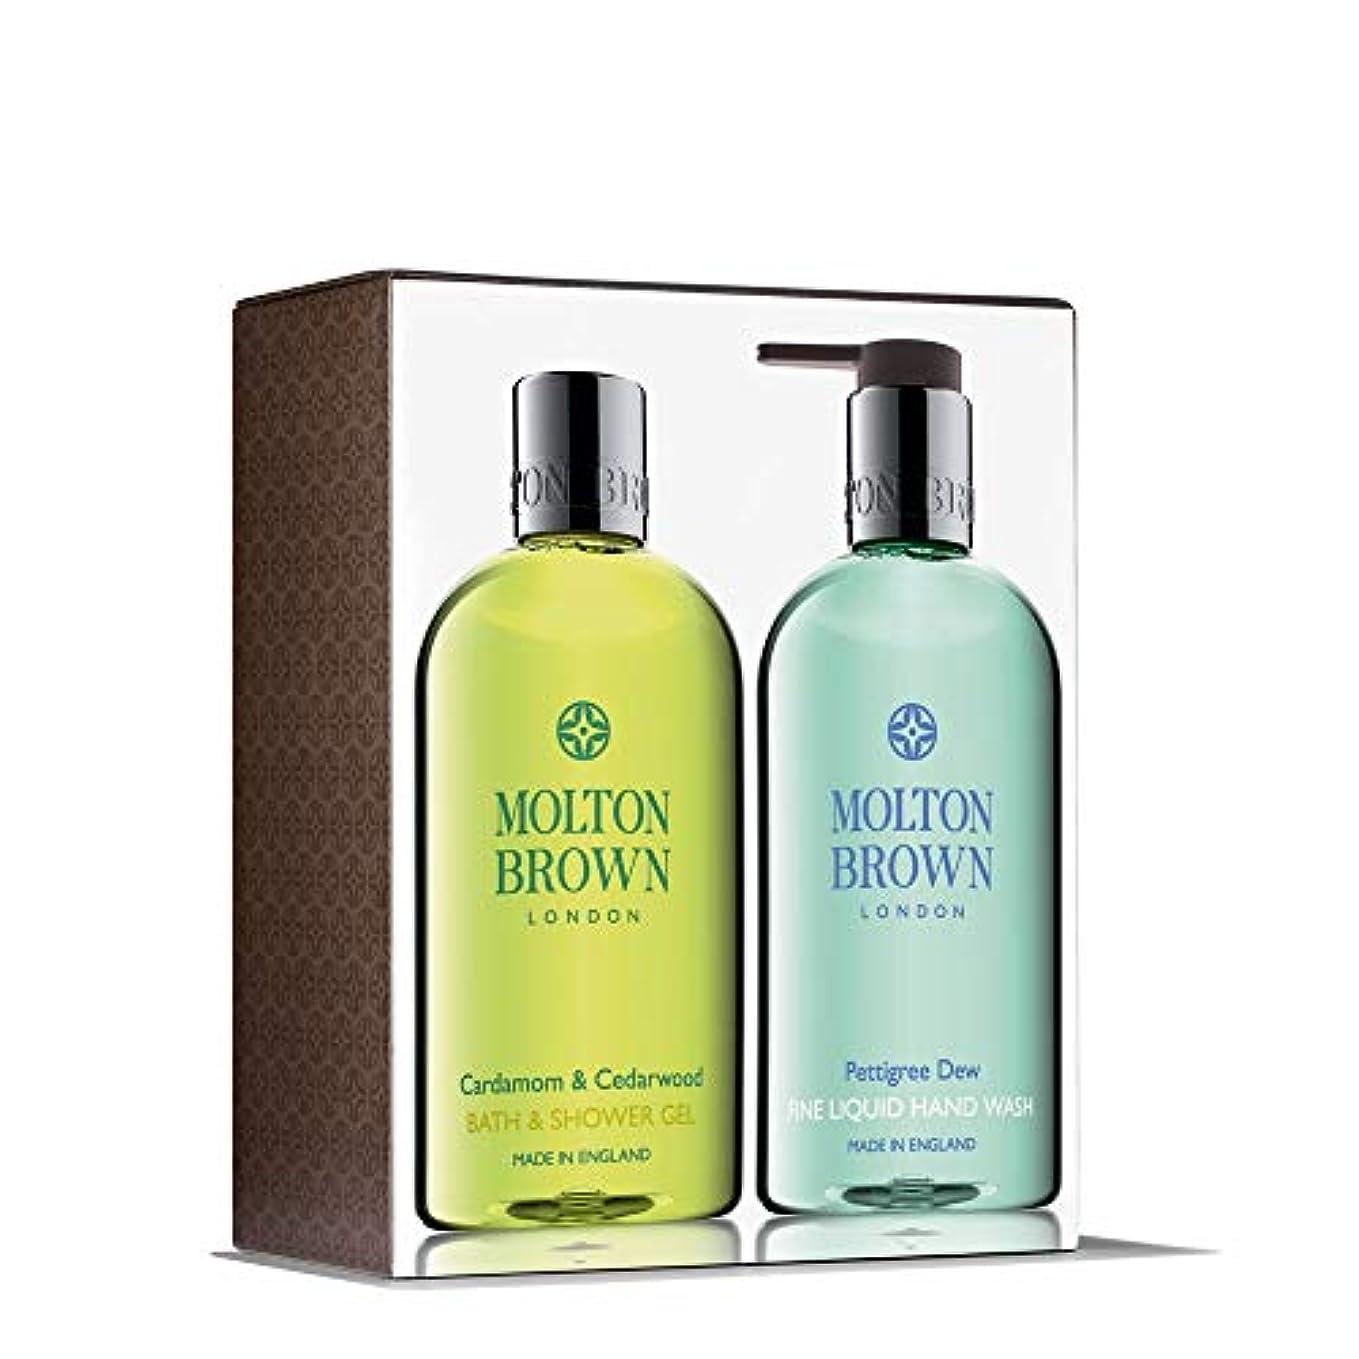 直立乳白居間MOLTON BROWN(モルトンブラウン)カルダモン&シダーウッド アンド ペティグリーデュウ ハンド&ボディセットその他セット